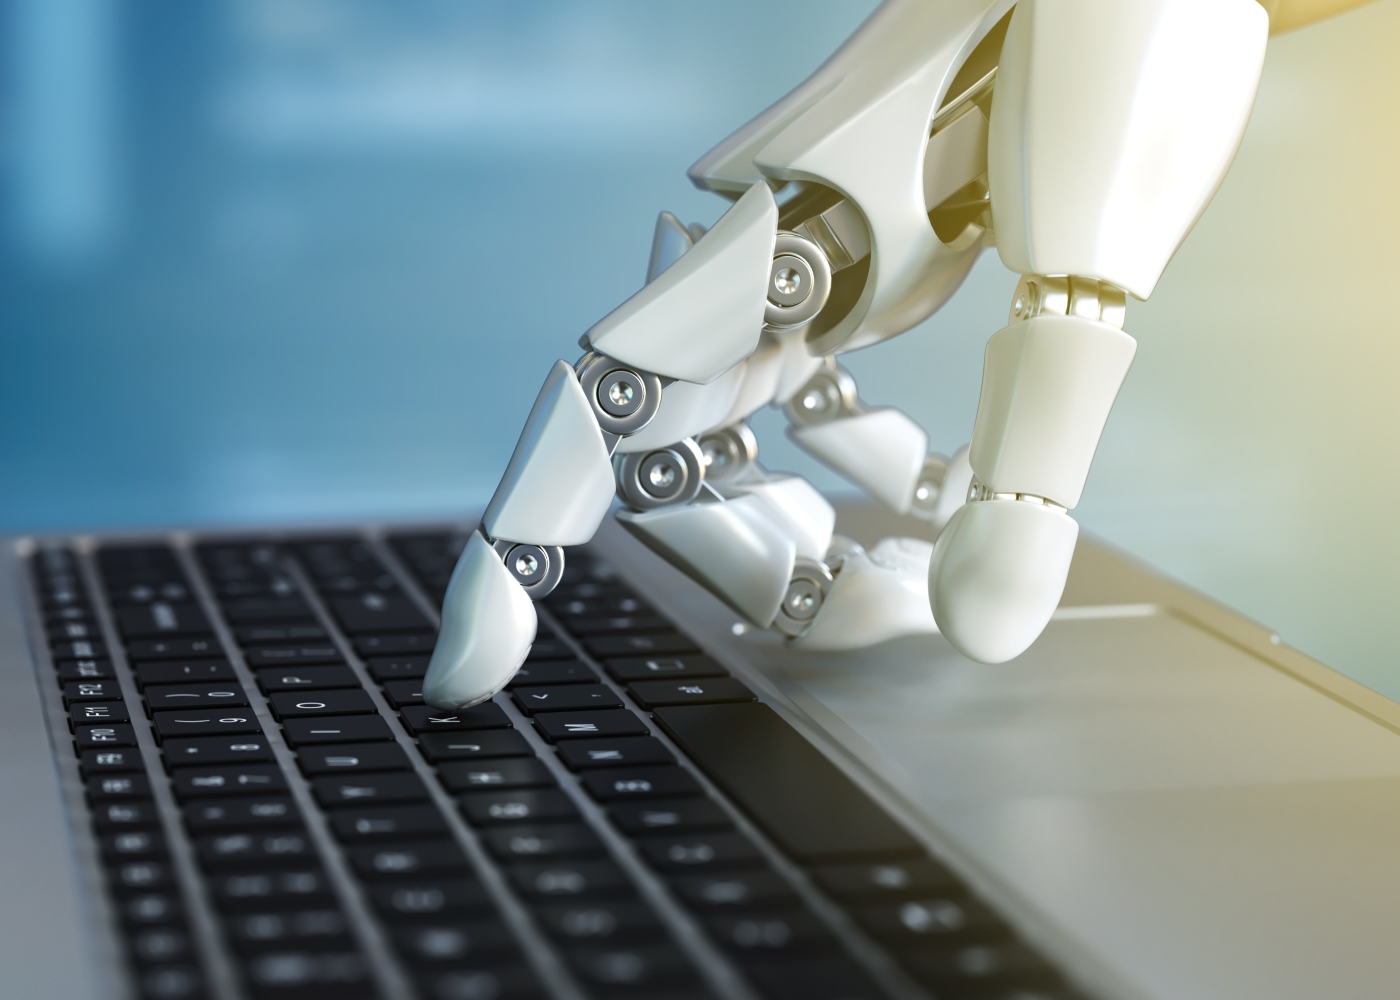 mão robotizada a mexer em teclado de computador